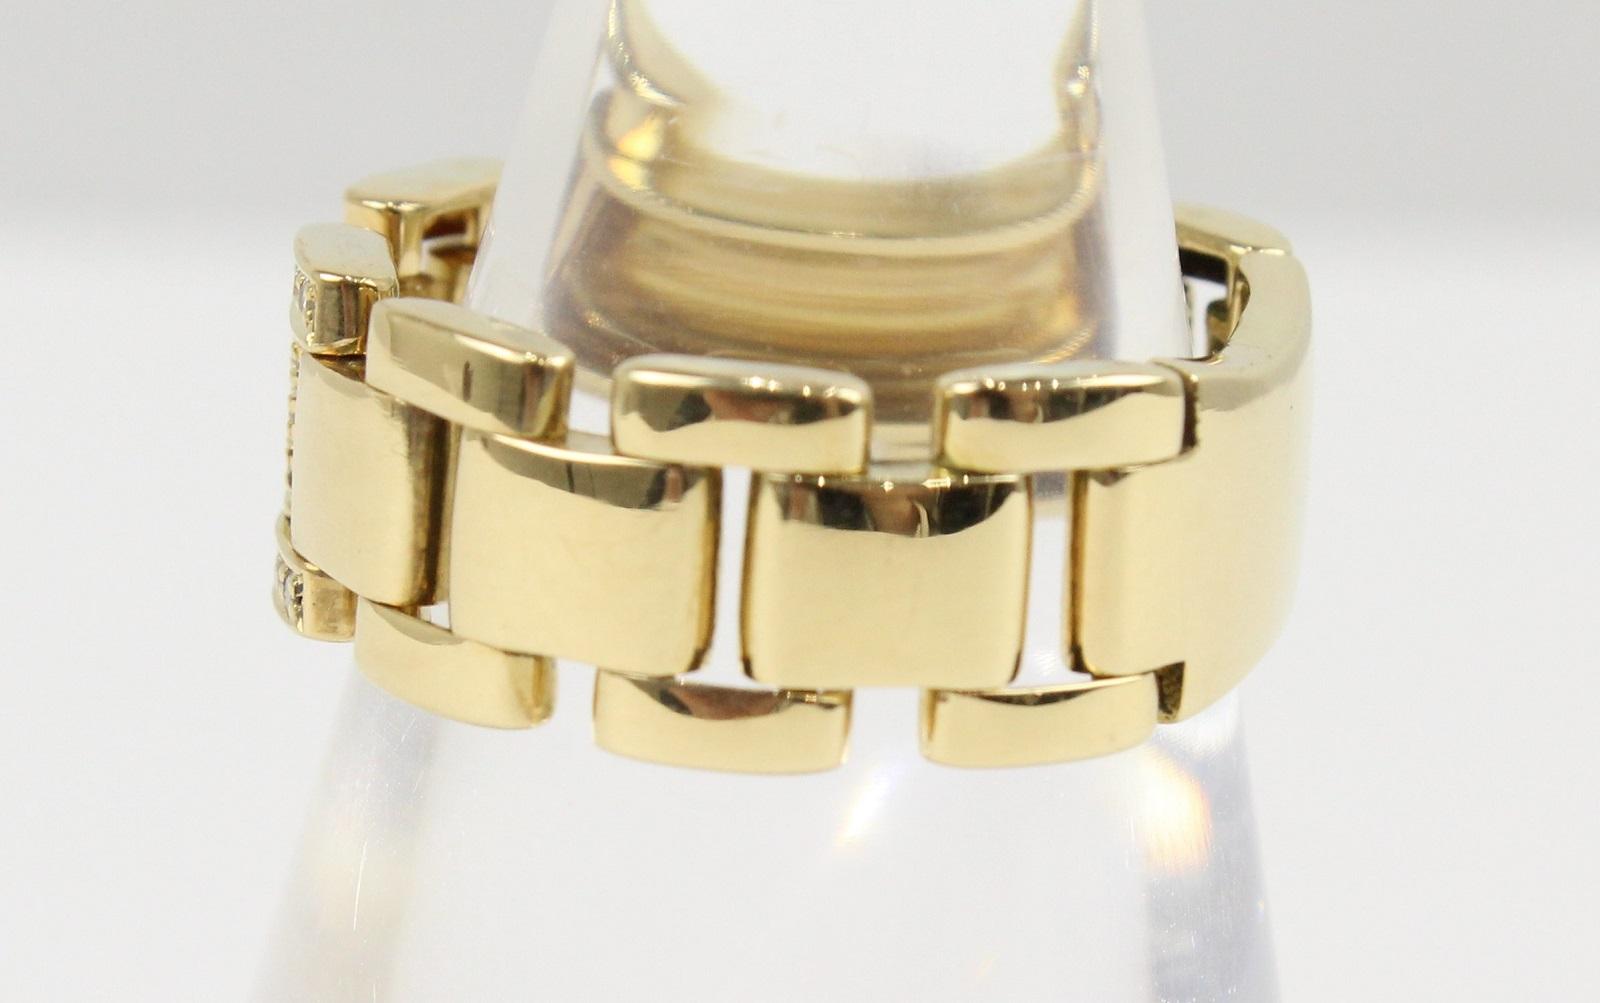 Hデザインリングダイヤモンド0.10ctK185g14号エレガントギフト包装可【】